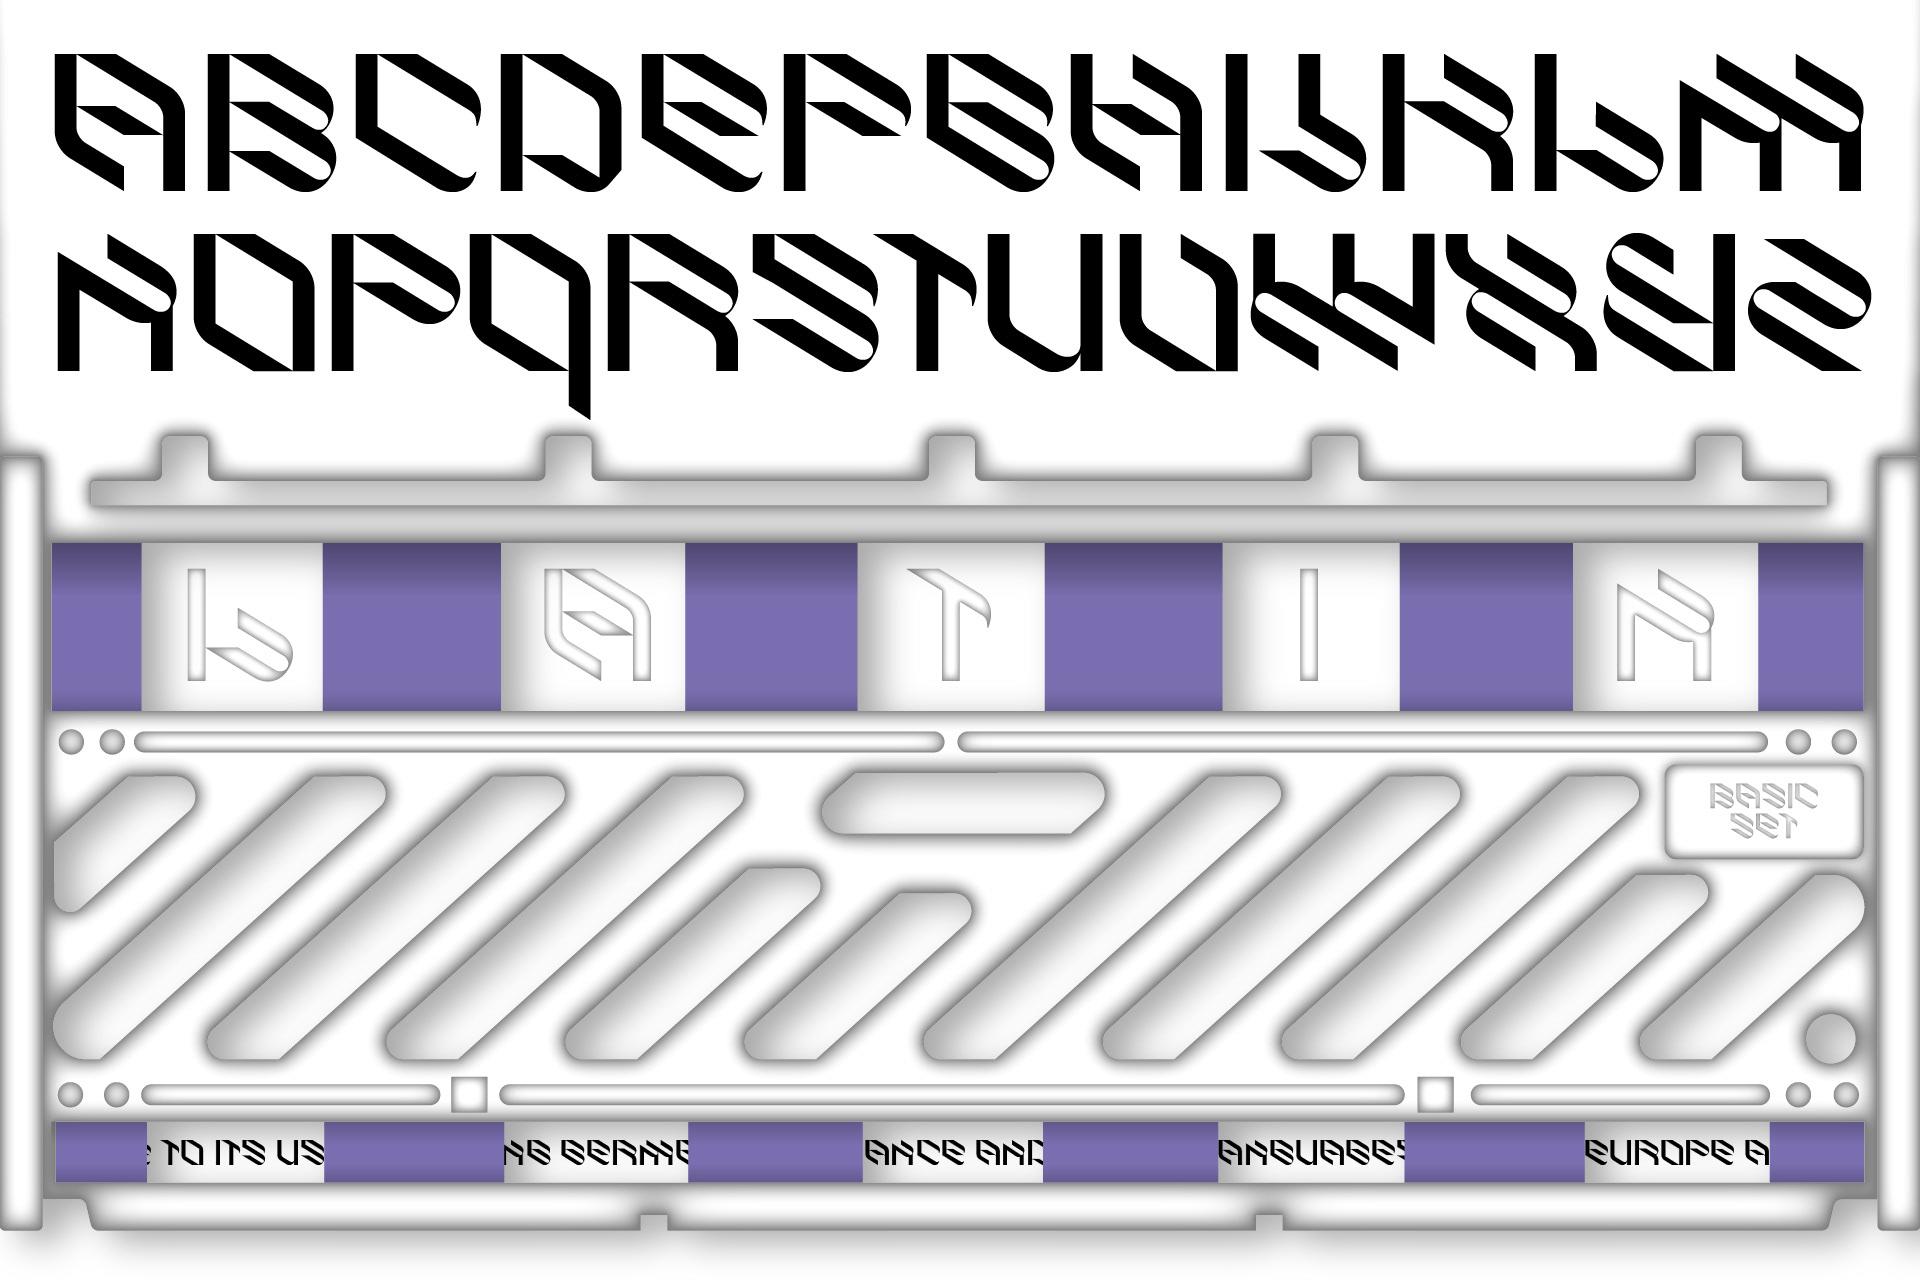 倾斜对角线英文字体下载 Eskos Typeface插图(3)